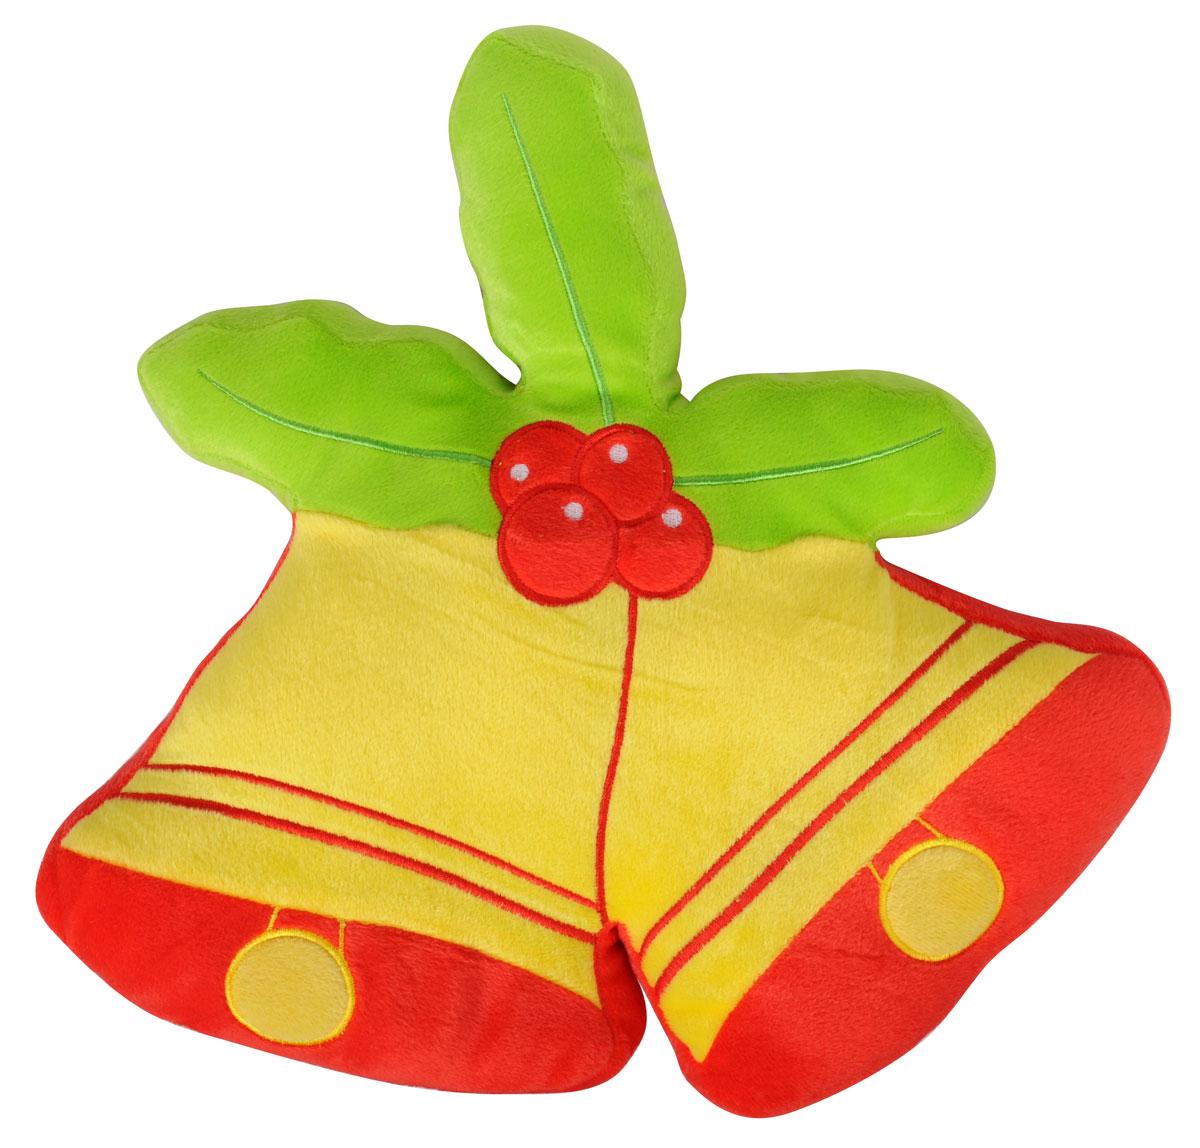 Подушка декоративная Home Queen Колокольчики, 38 х 36 см59665Декоративная подушка Home Queen Колокольчики - это и игрушка, и предмет интерьера, и оригинальная подушка для автомобиля. Чехол подушки выполнен из полиэстровой ворсистой ткани. Внутри мягкий синтепоновый наполнитель. Красивая оригинальная подушка станет хорошим подарком и обязательно порадует получателя. Материал верха: 100% полиэстер. Наполнитель: синтепон. Размер подушки: 38 см х 36 см.